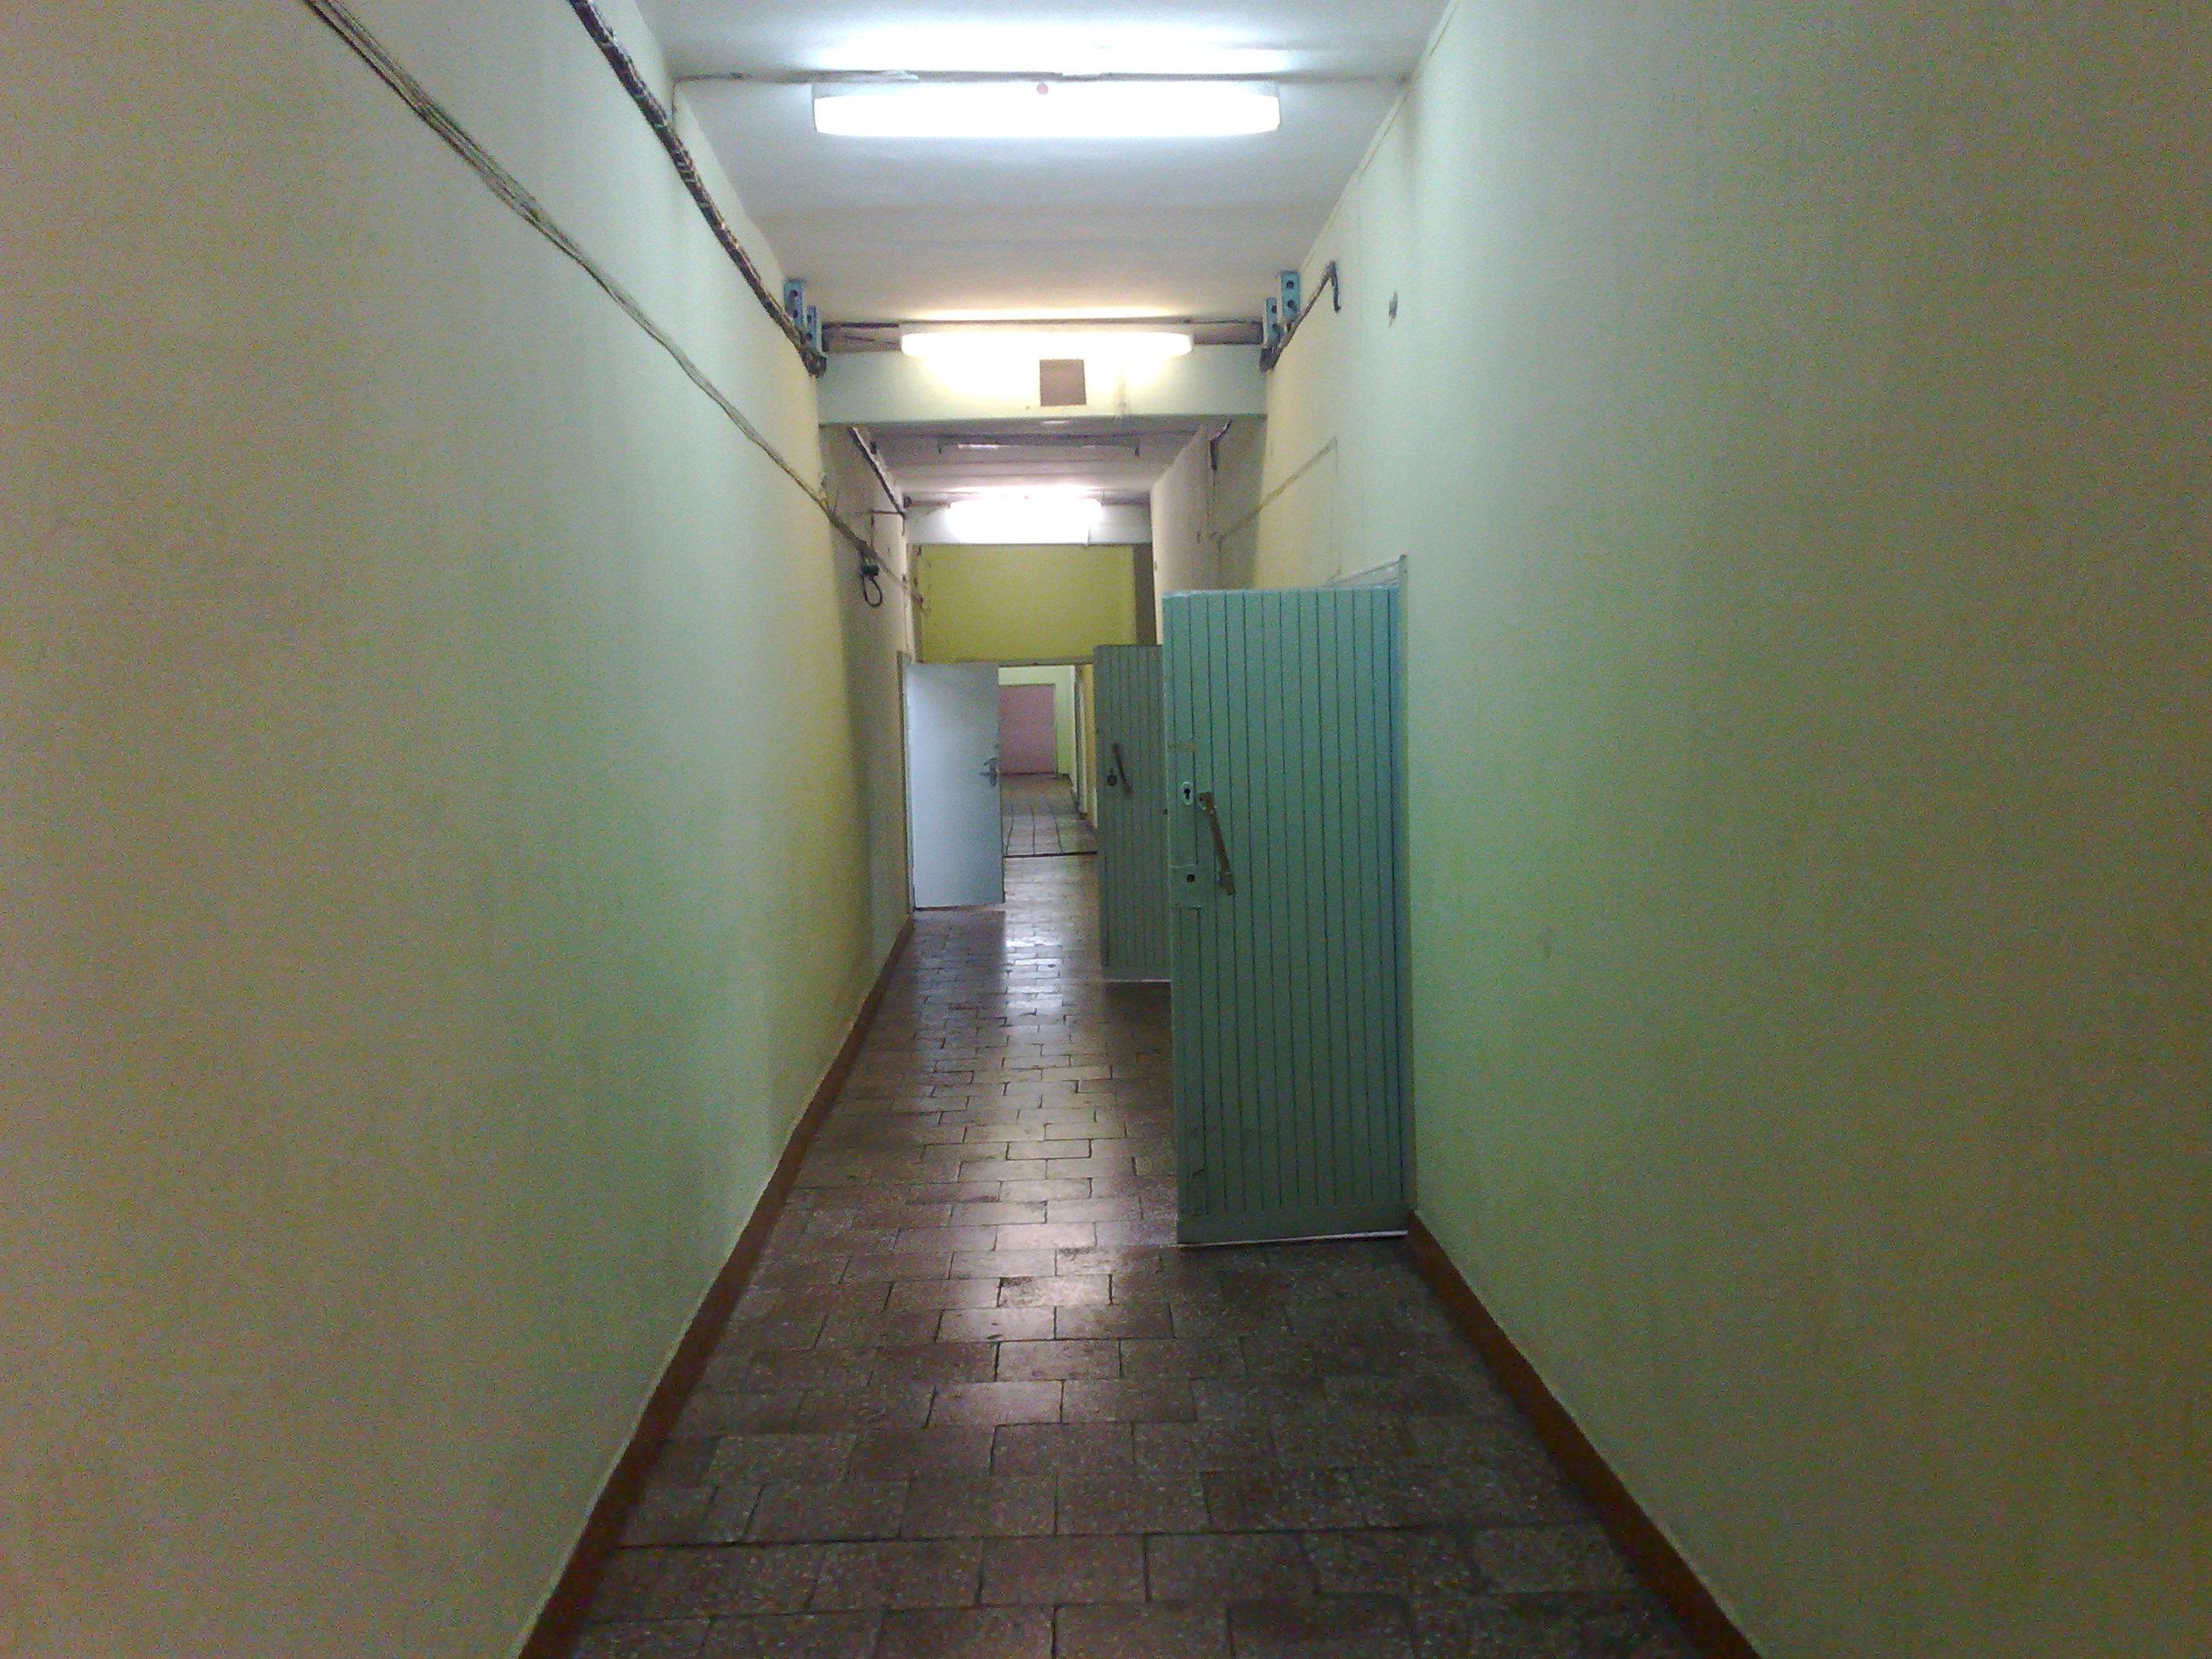 ЭТЛ коридор.jpg